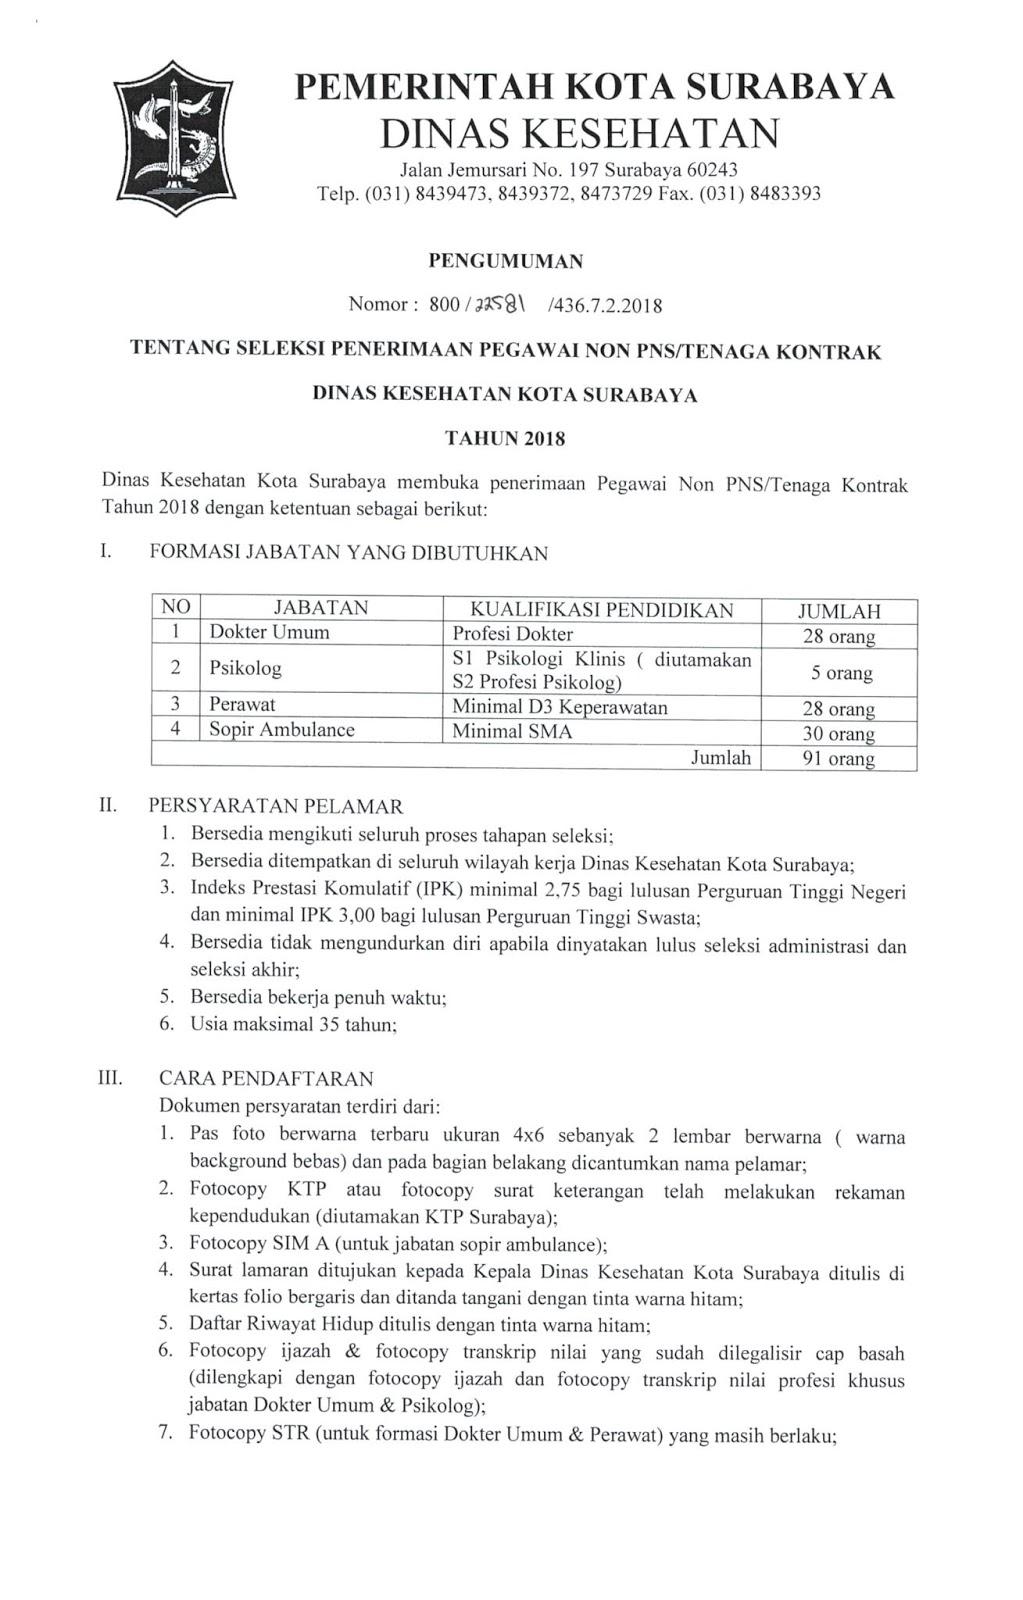 Rekrutmen Non PNS Dinas Kesehatan Kota Surabaya Tahun 2018